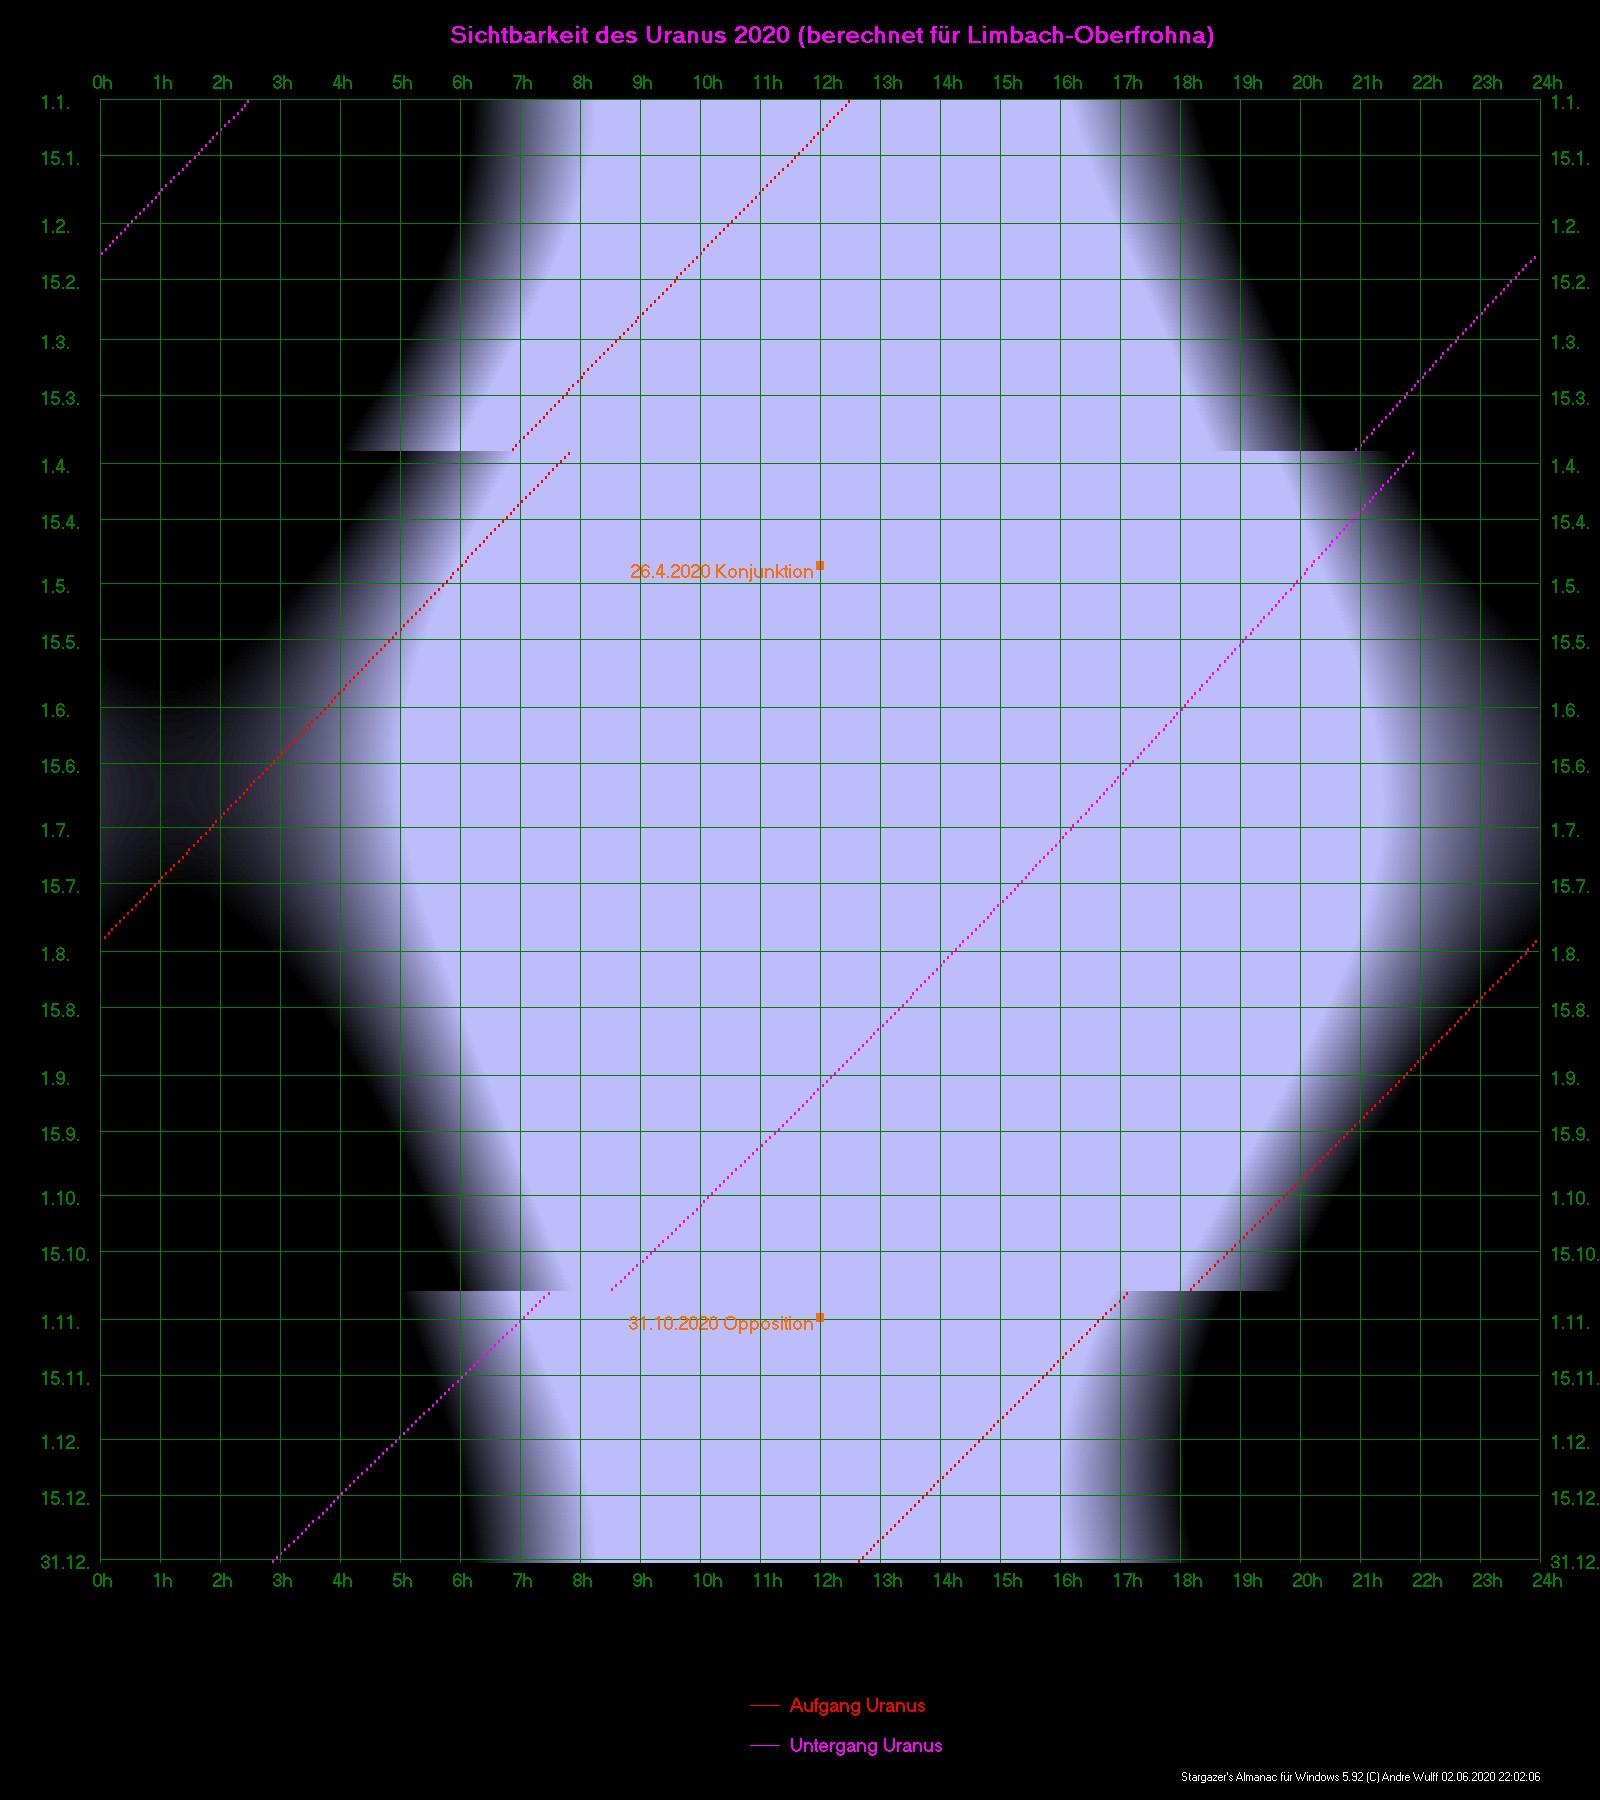 Sichtbarkeit des Uranus in diesem Jahr